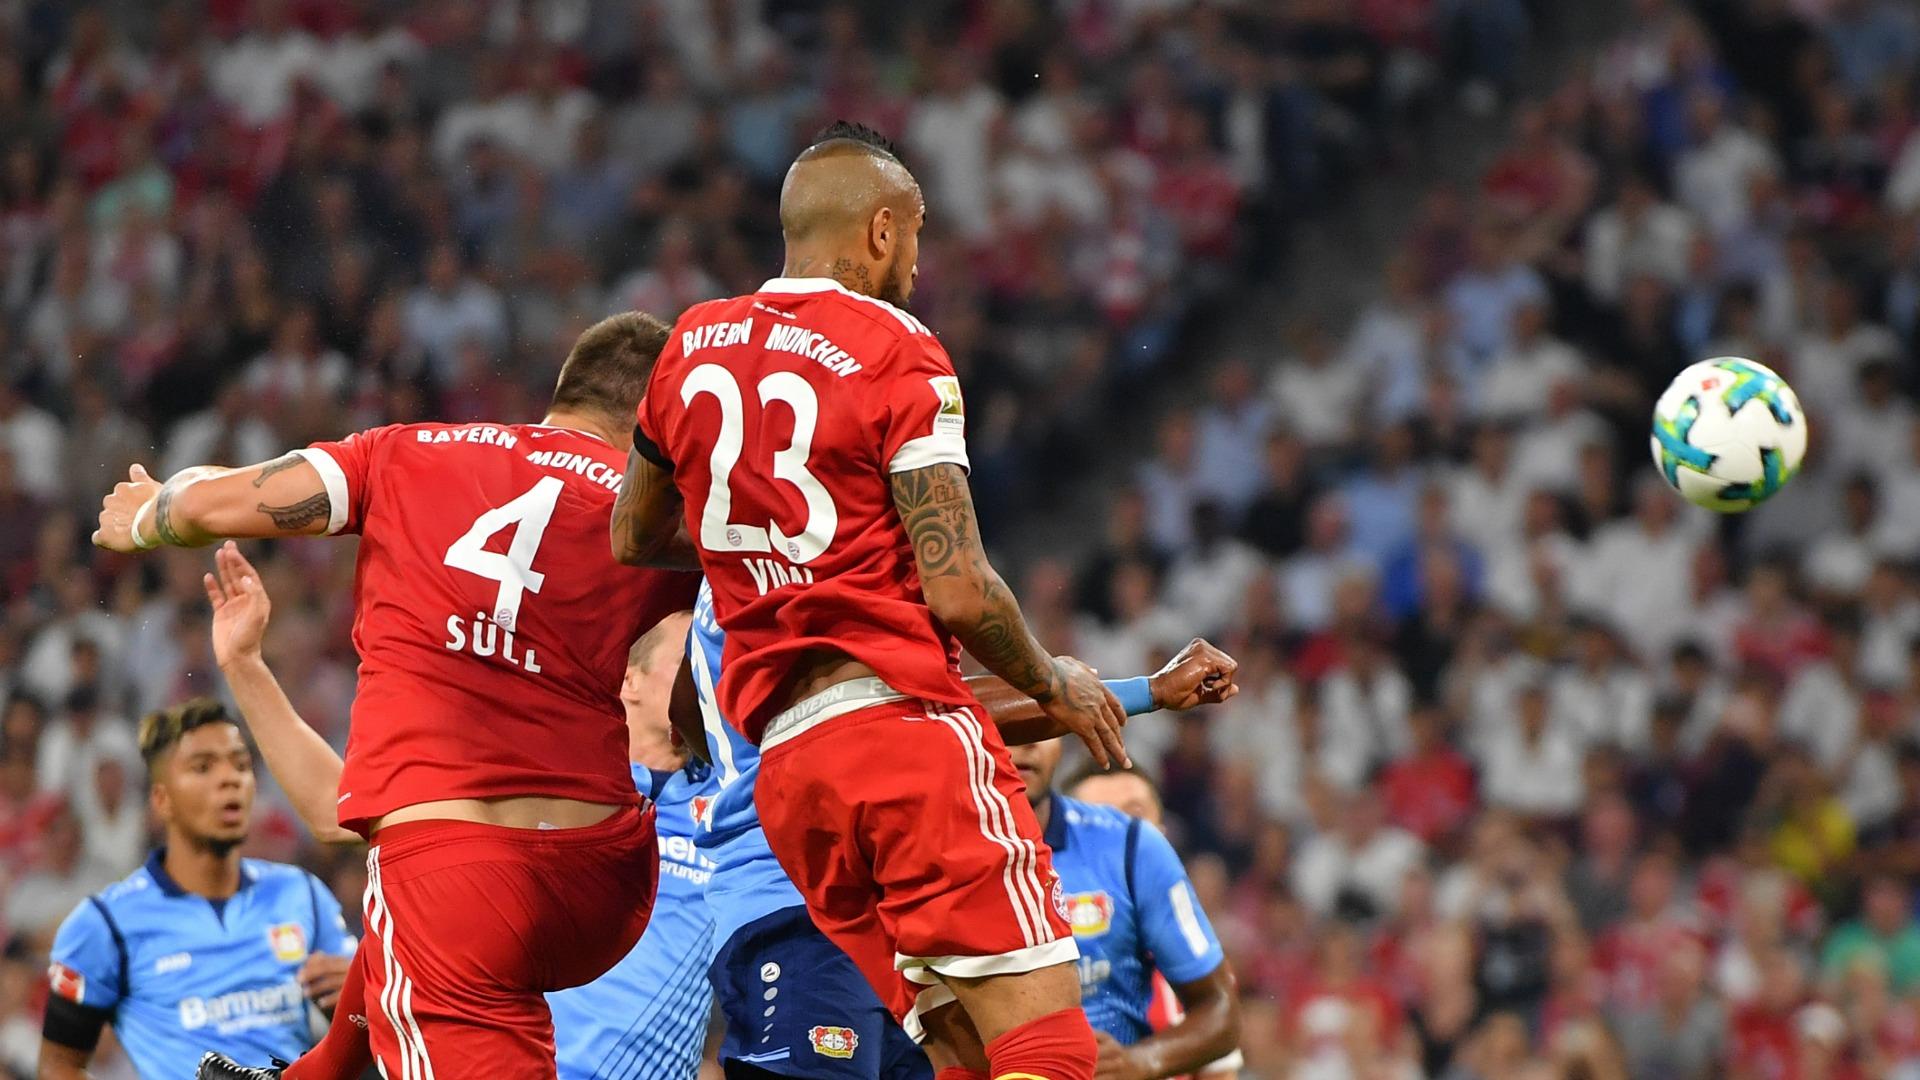 James no estará en el debut en la Bundesliga